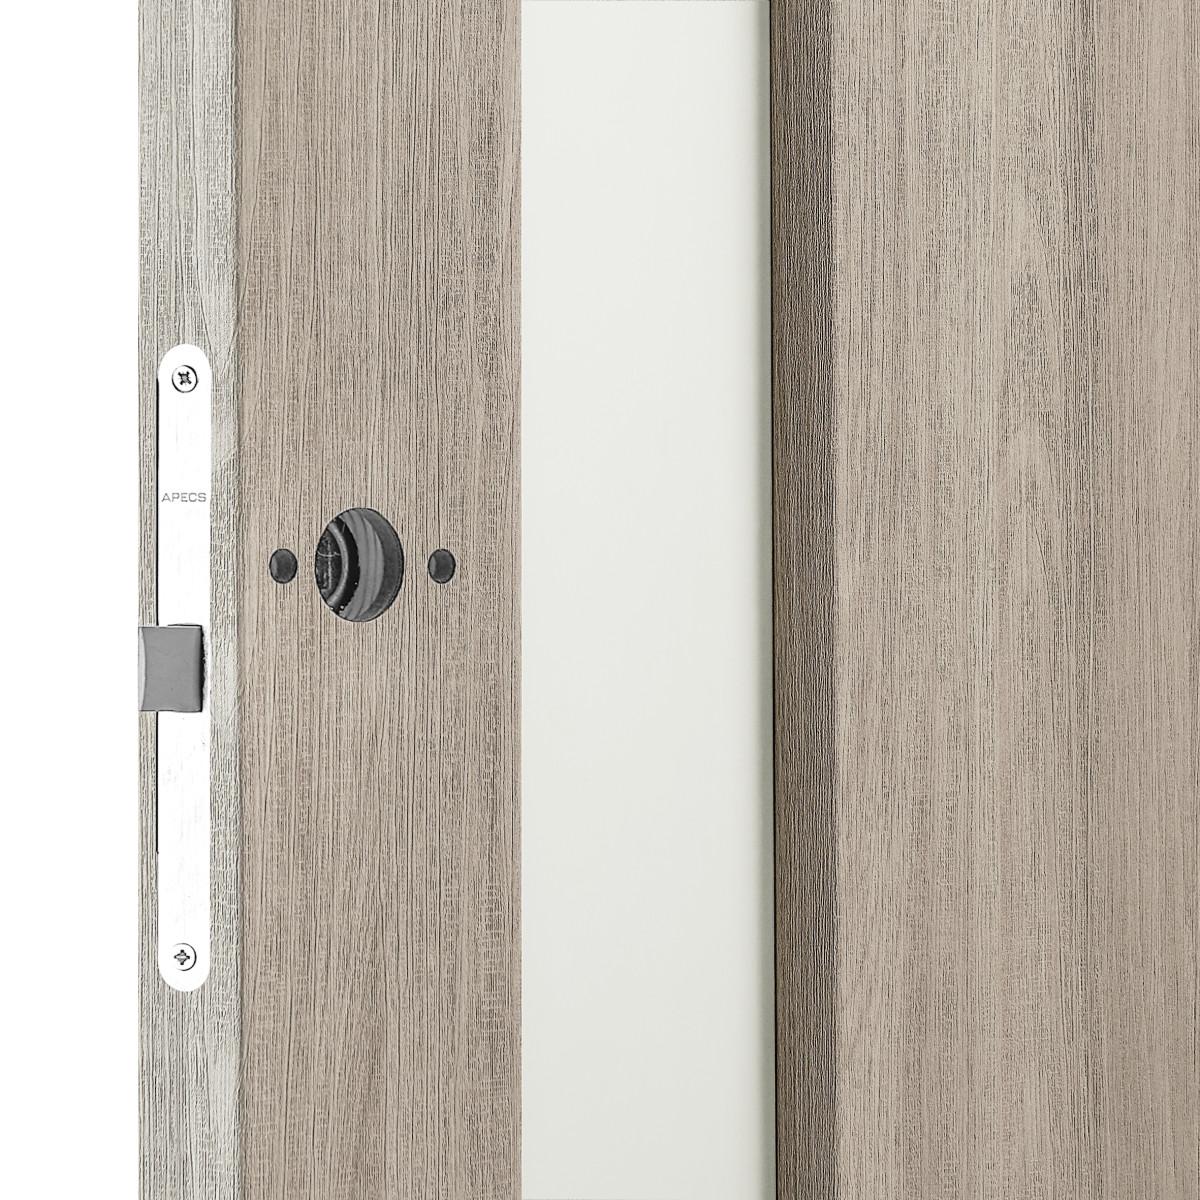 Дверь Межкомнатная Остеклённая Artens Мария 80x200 Пвх Цвет Шимо